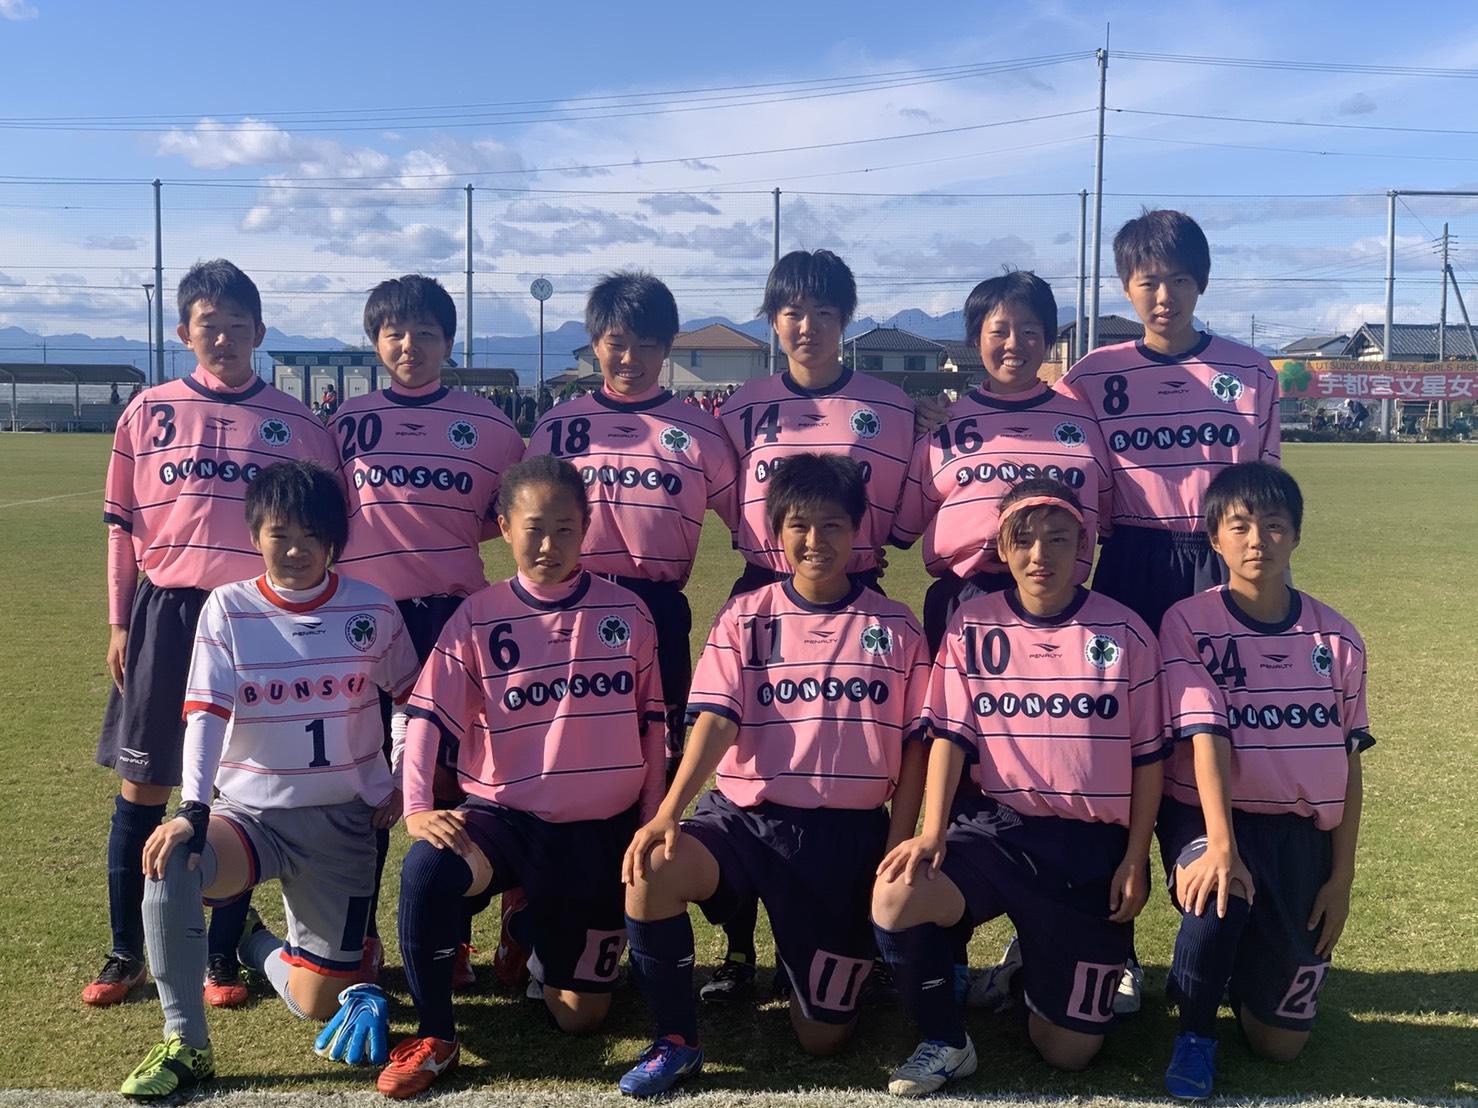 サッカー 関東 大会 高校 女子